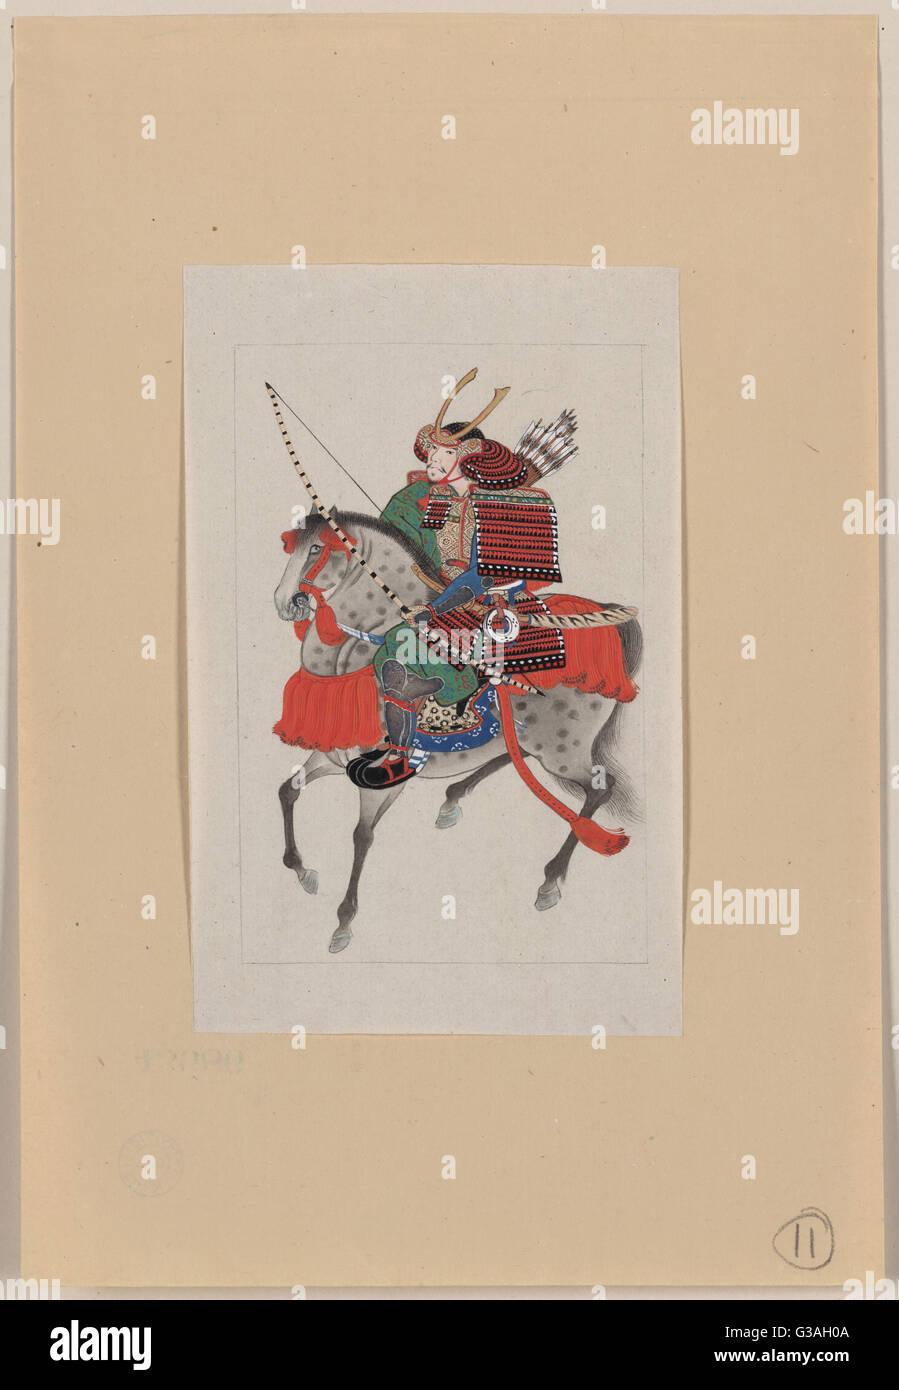 Il Samurai a cavallo, indossa armatura e casco cornuta, portando arco e frecce. Data 1878?. Immagini Stock